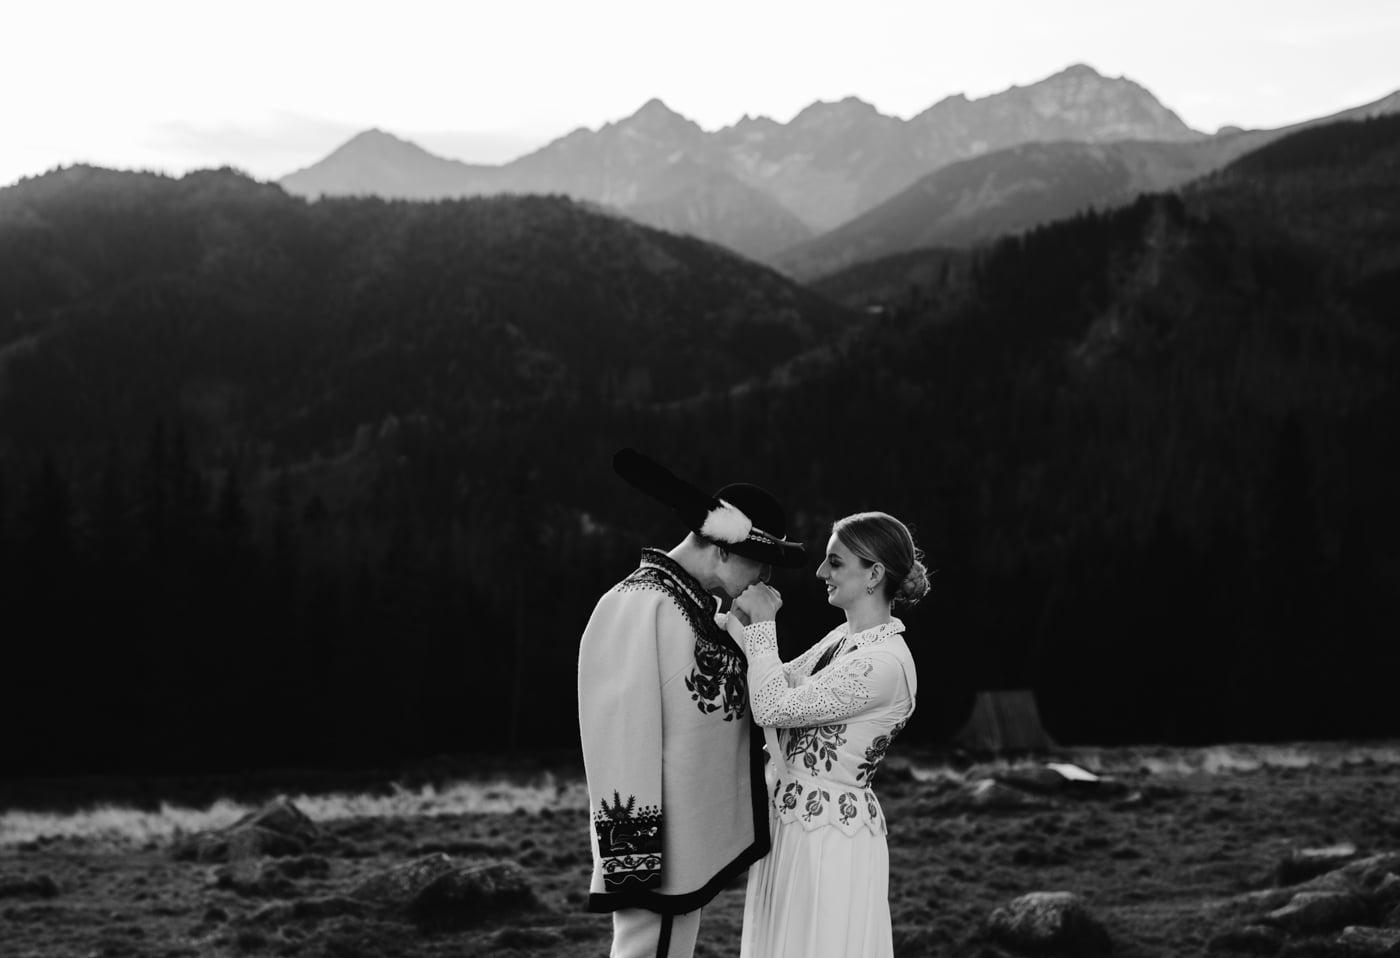 Sesja ślubna w Tatrach - Tradycyjnie 4